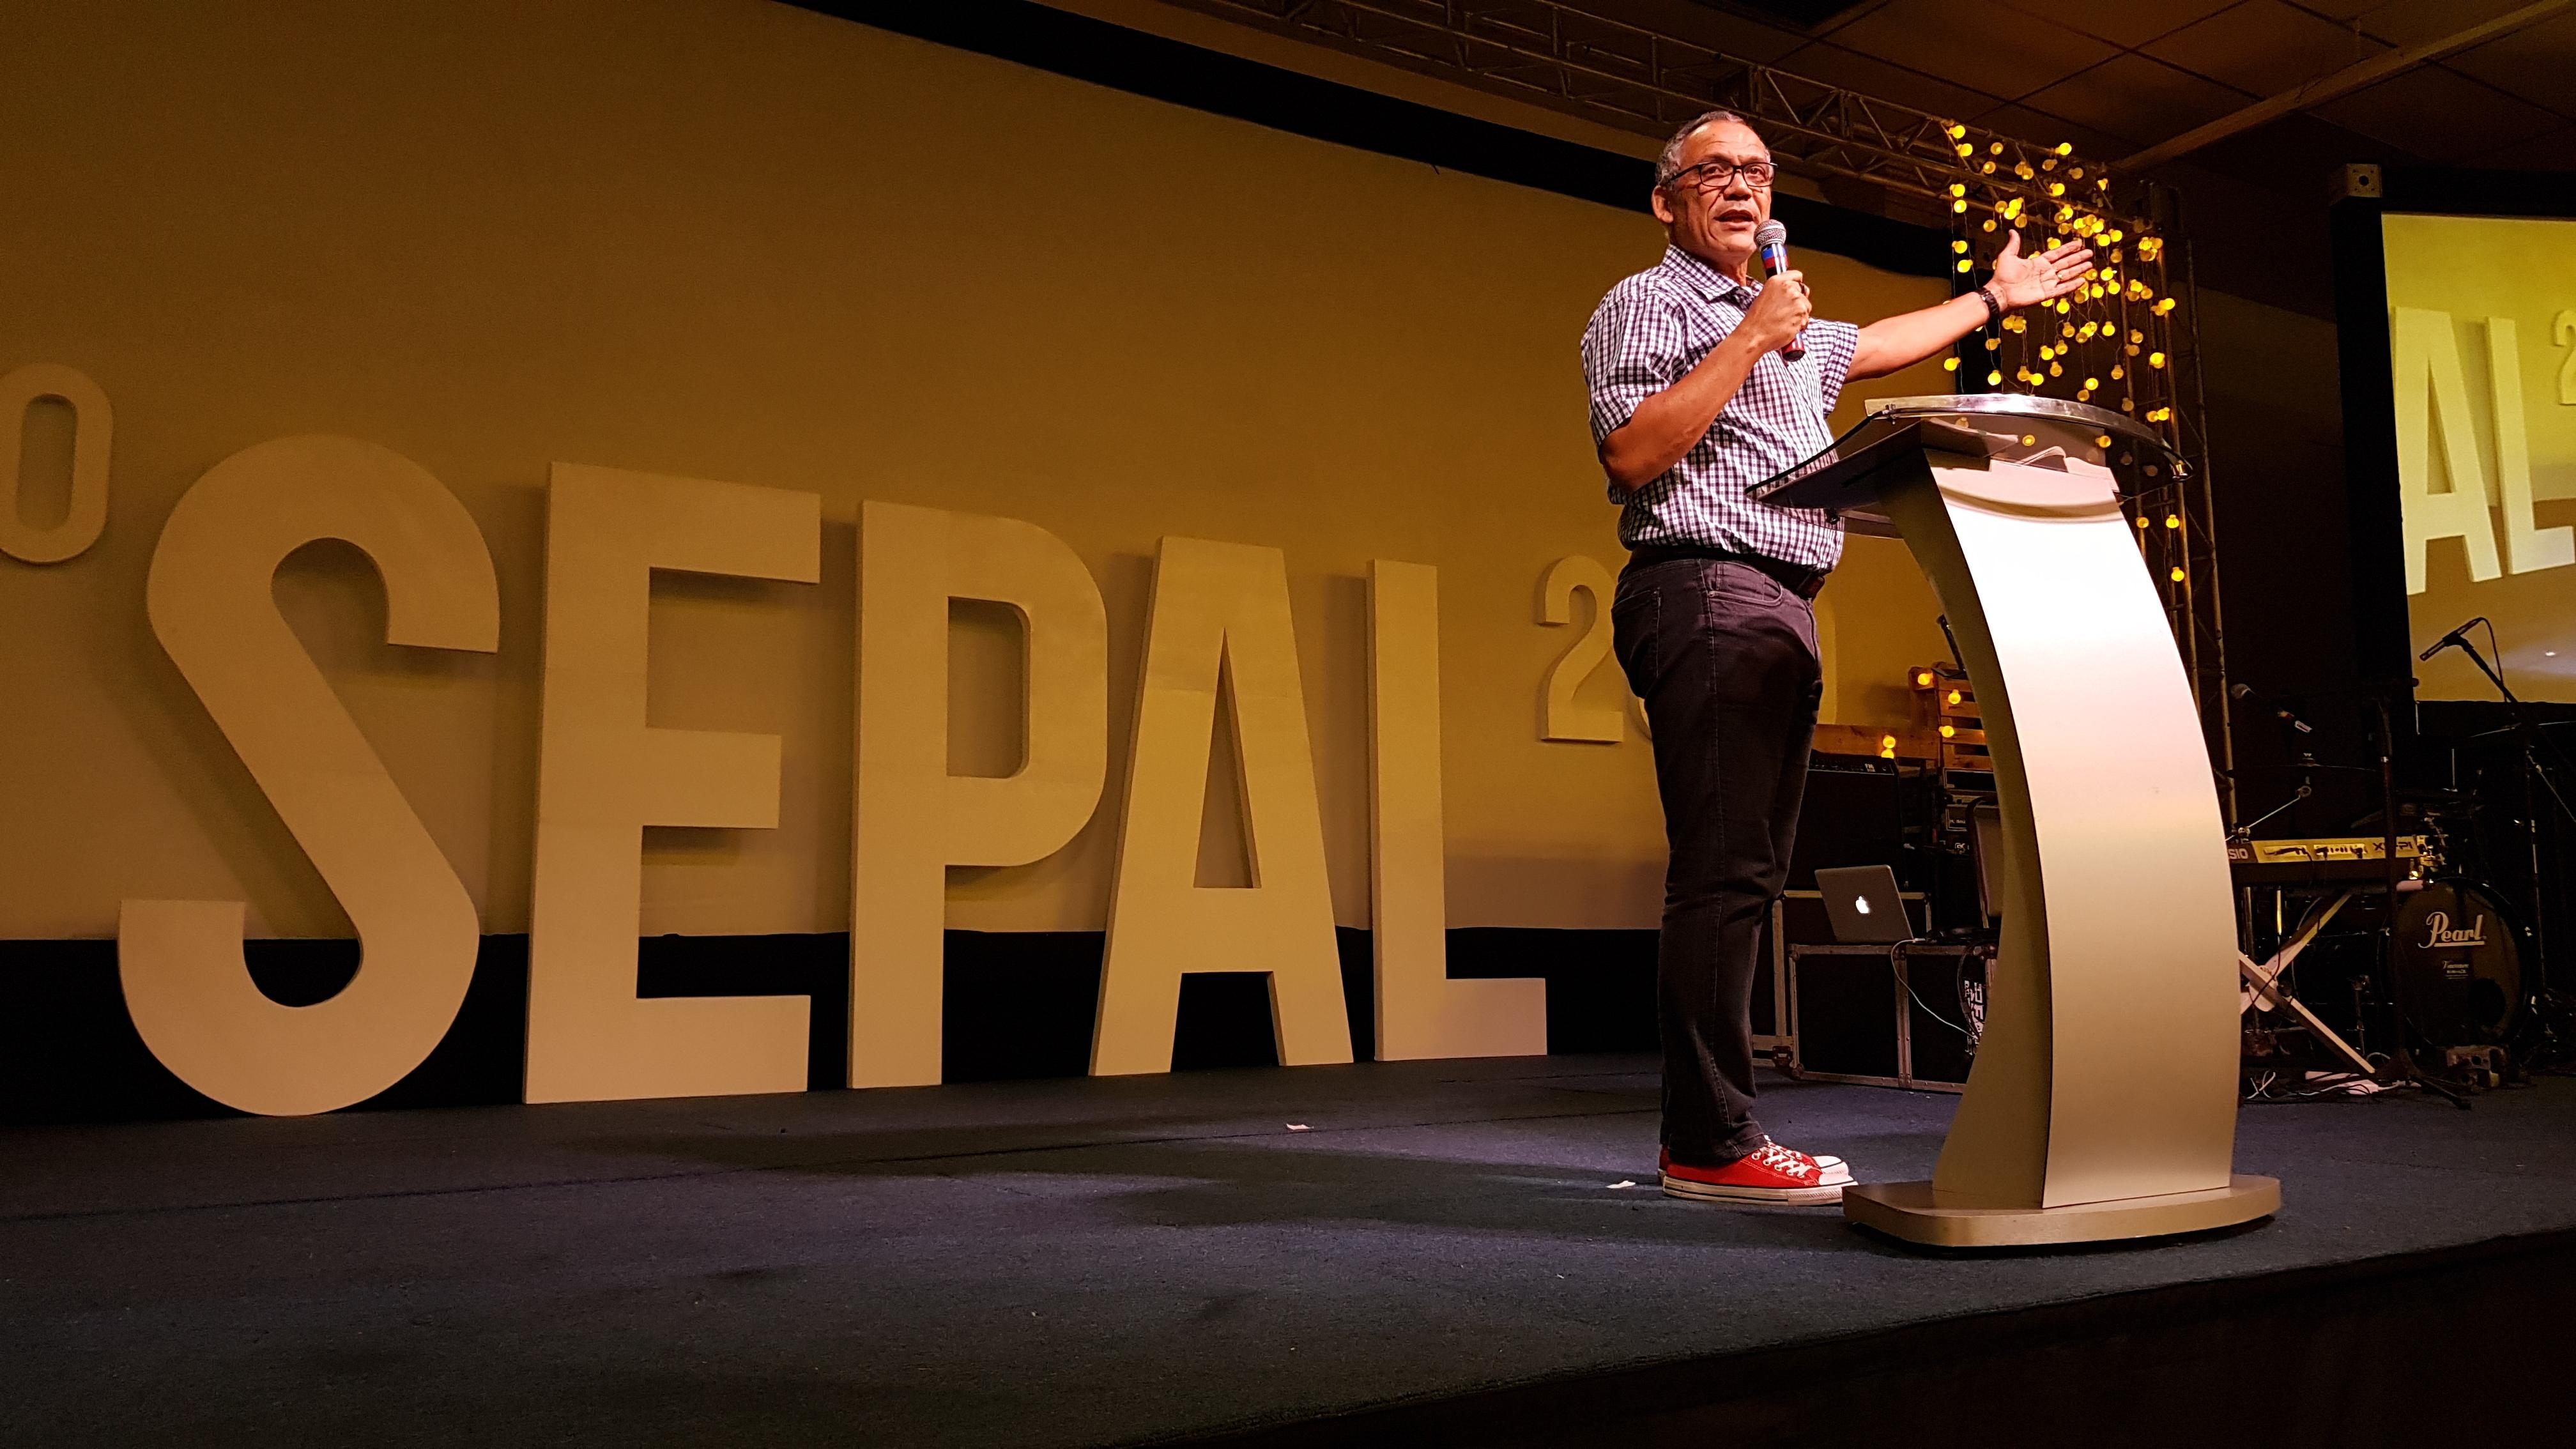 Encontro Sepal reunirá pastores e líderes em maio de 2020